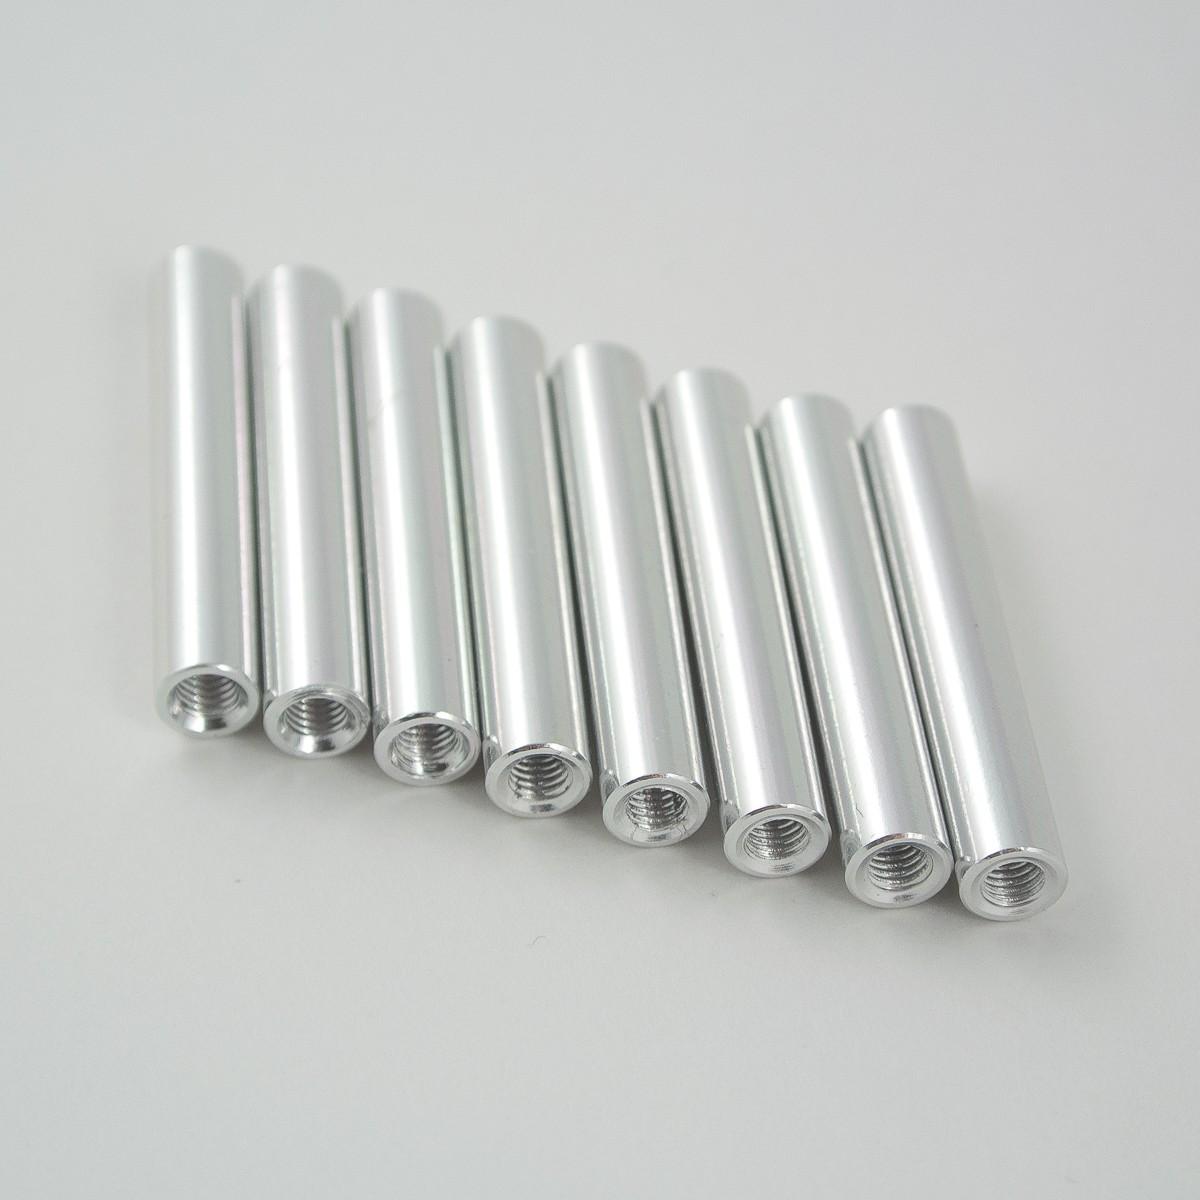 30mm round aluminium M3 standoff silver 8pcs